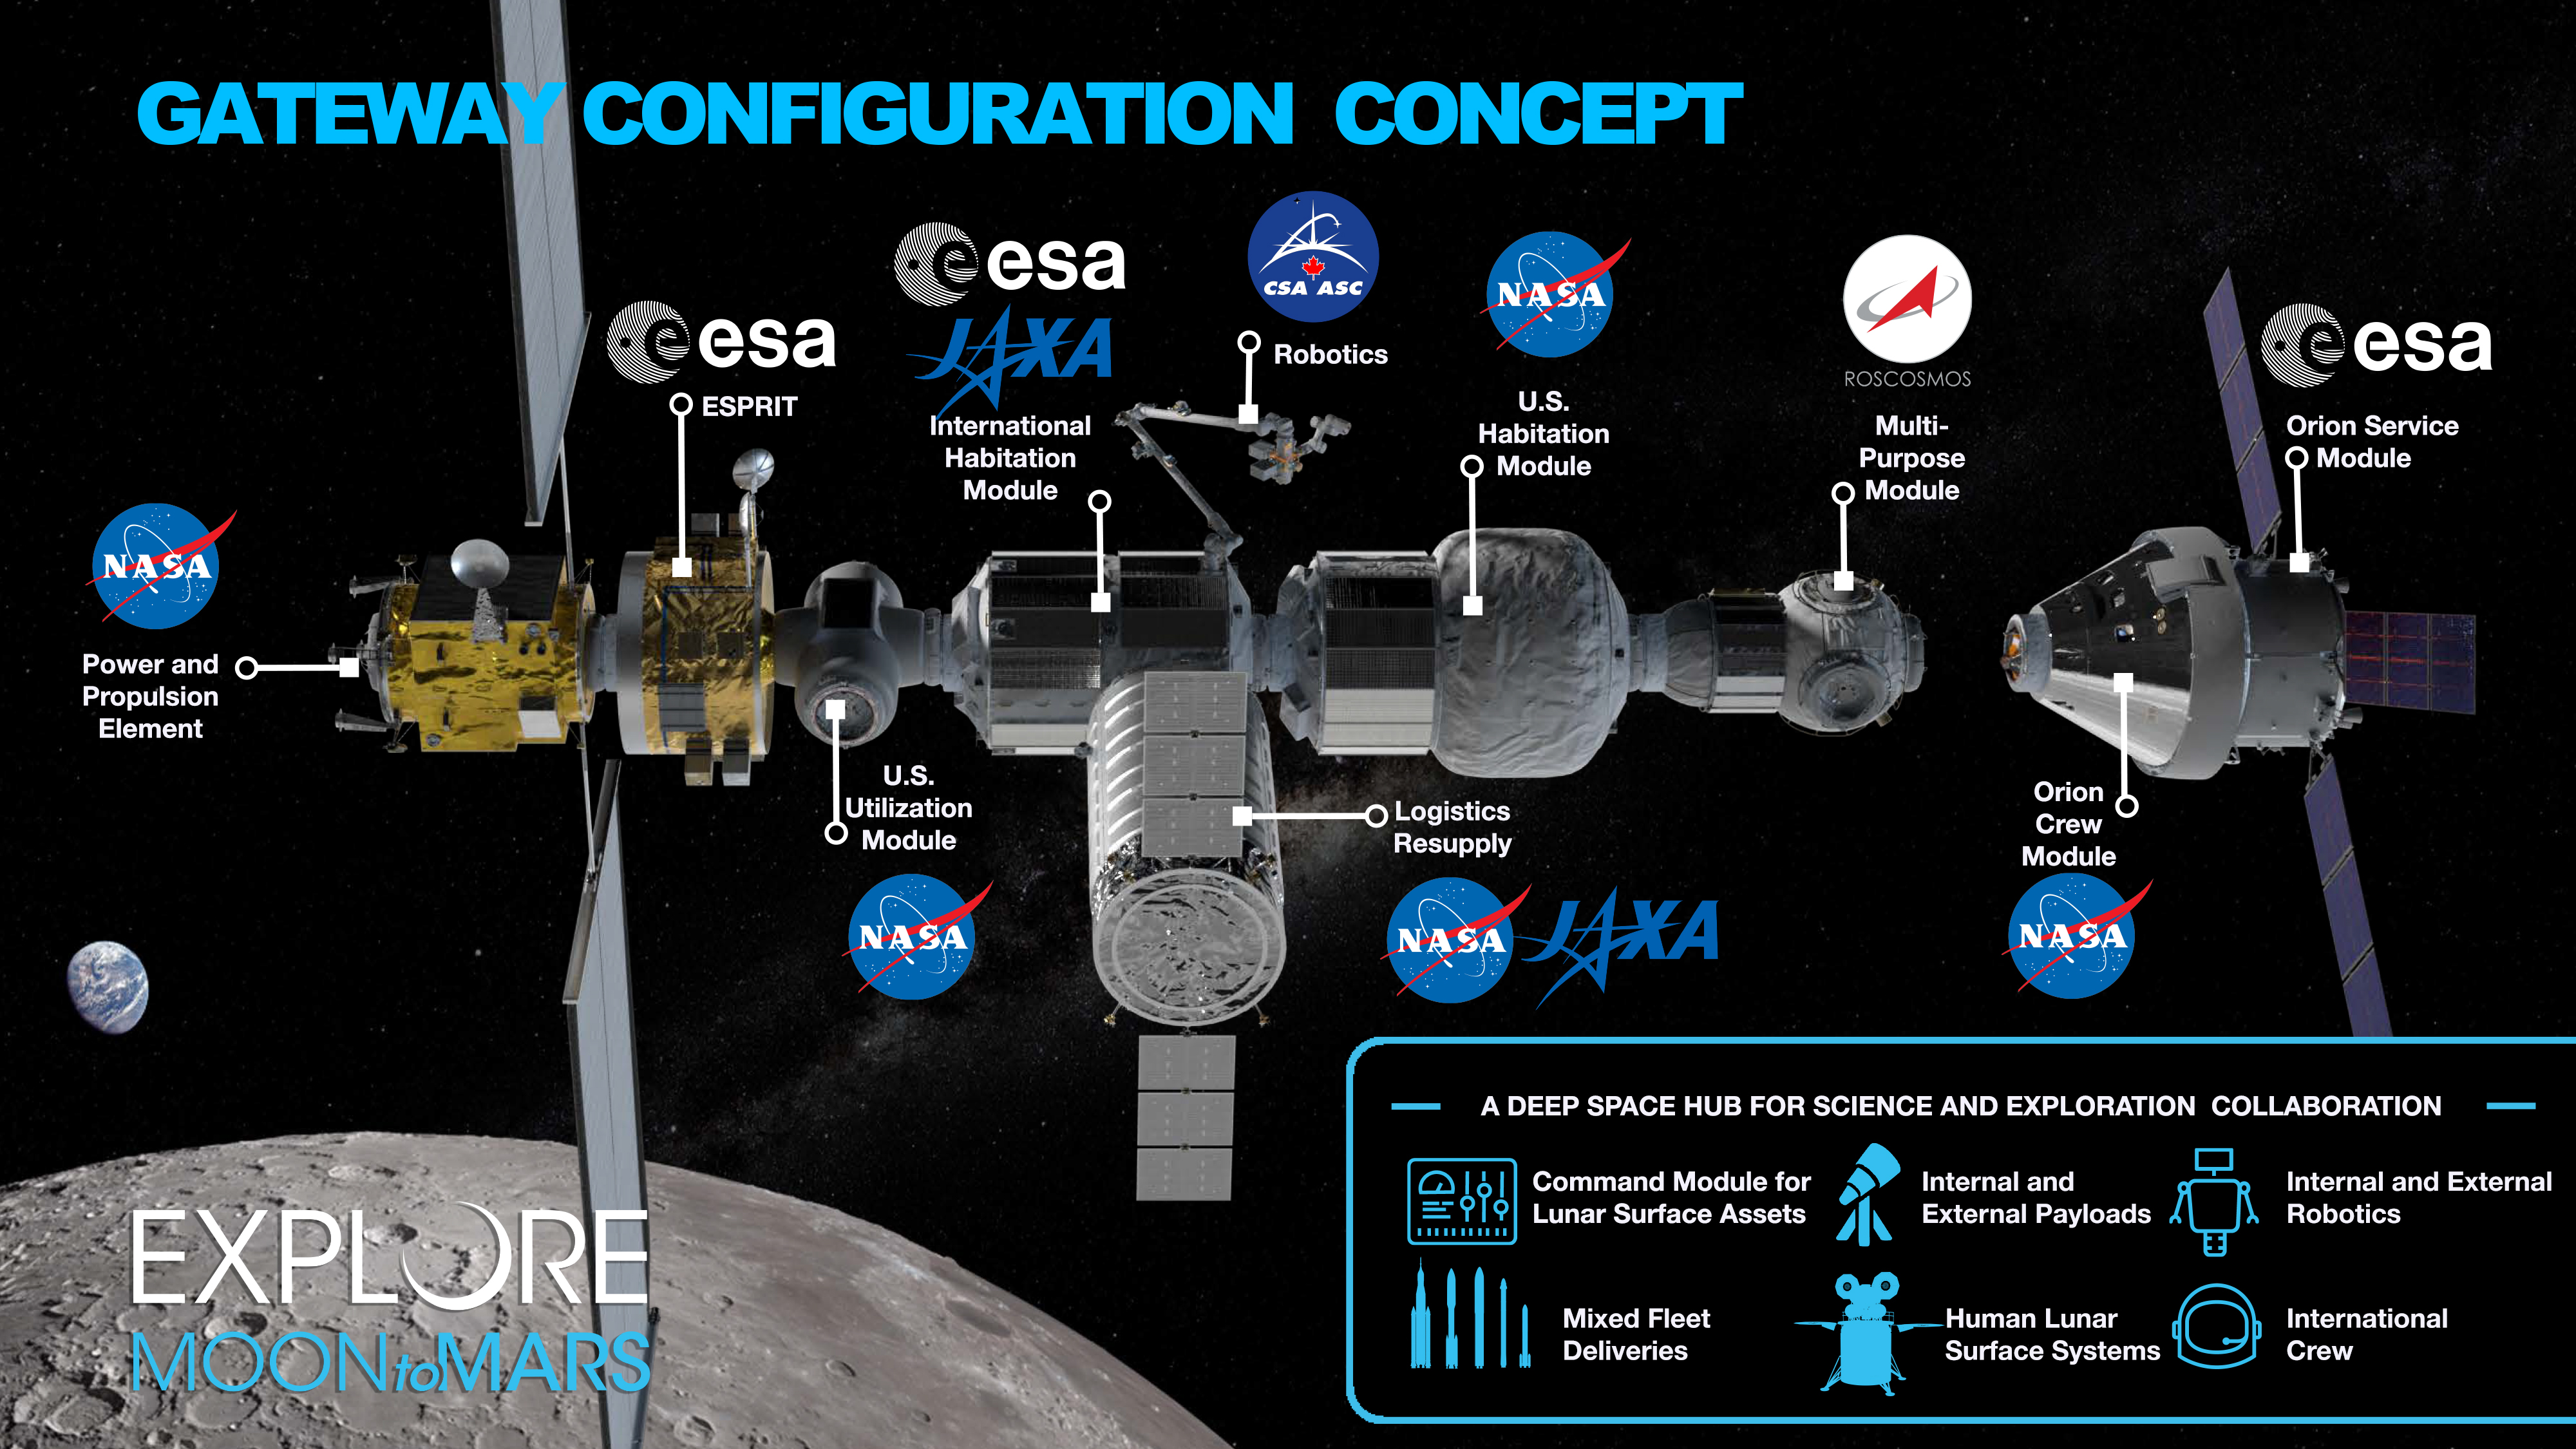 Wstępny plan budowy stacji Gateway (Źródło: NASA)